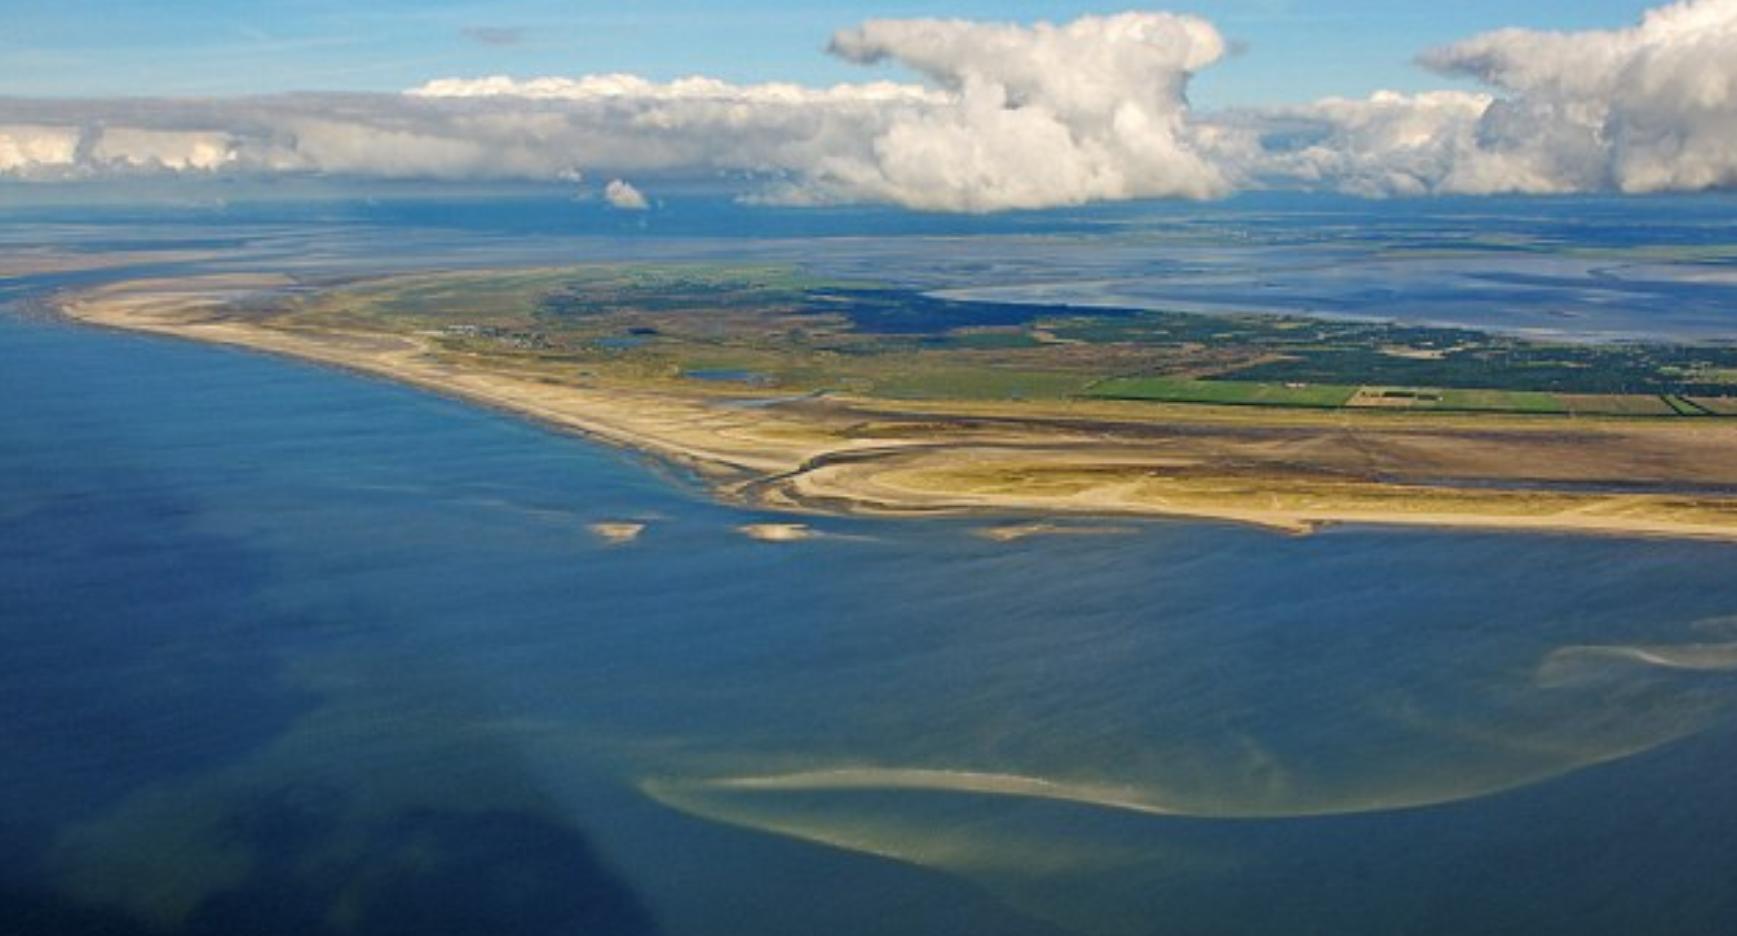 Ερευνητές εντόπισαν ιζήματα που μετέφερε το τσουνάμι πριν από 8.200 χρόνια μέχρι τη νήσο Romo στη δυτική ακτή της Δανίας / Φωτογραφία: Wikimedia Commons